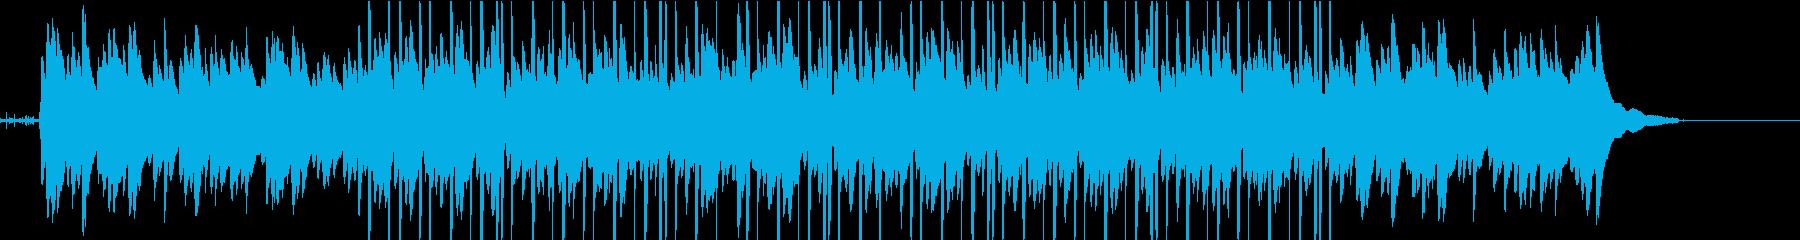 後悔の気持ちをLo-fiで表現しましたの再生済みの波形